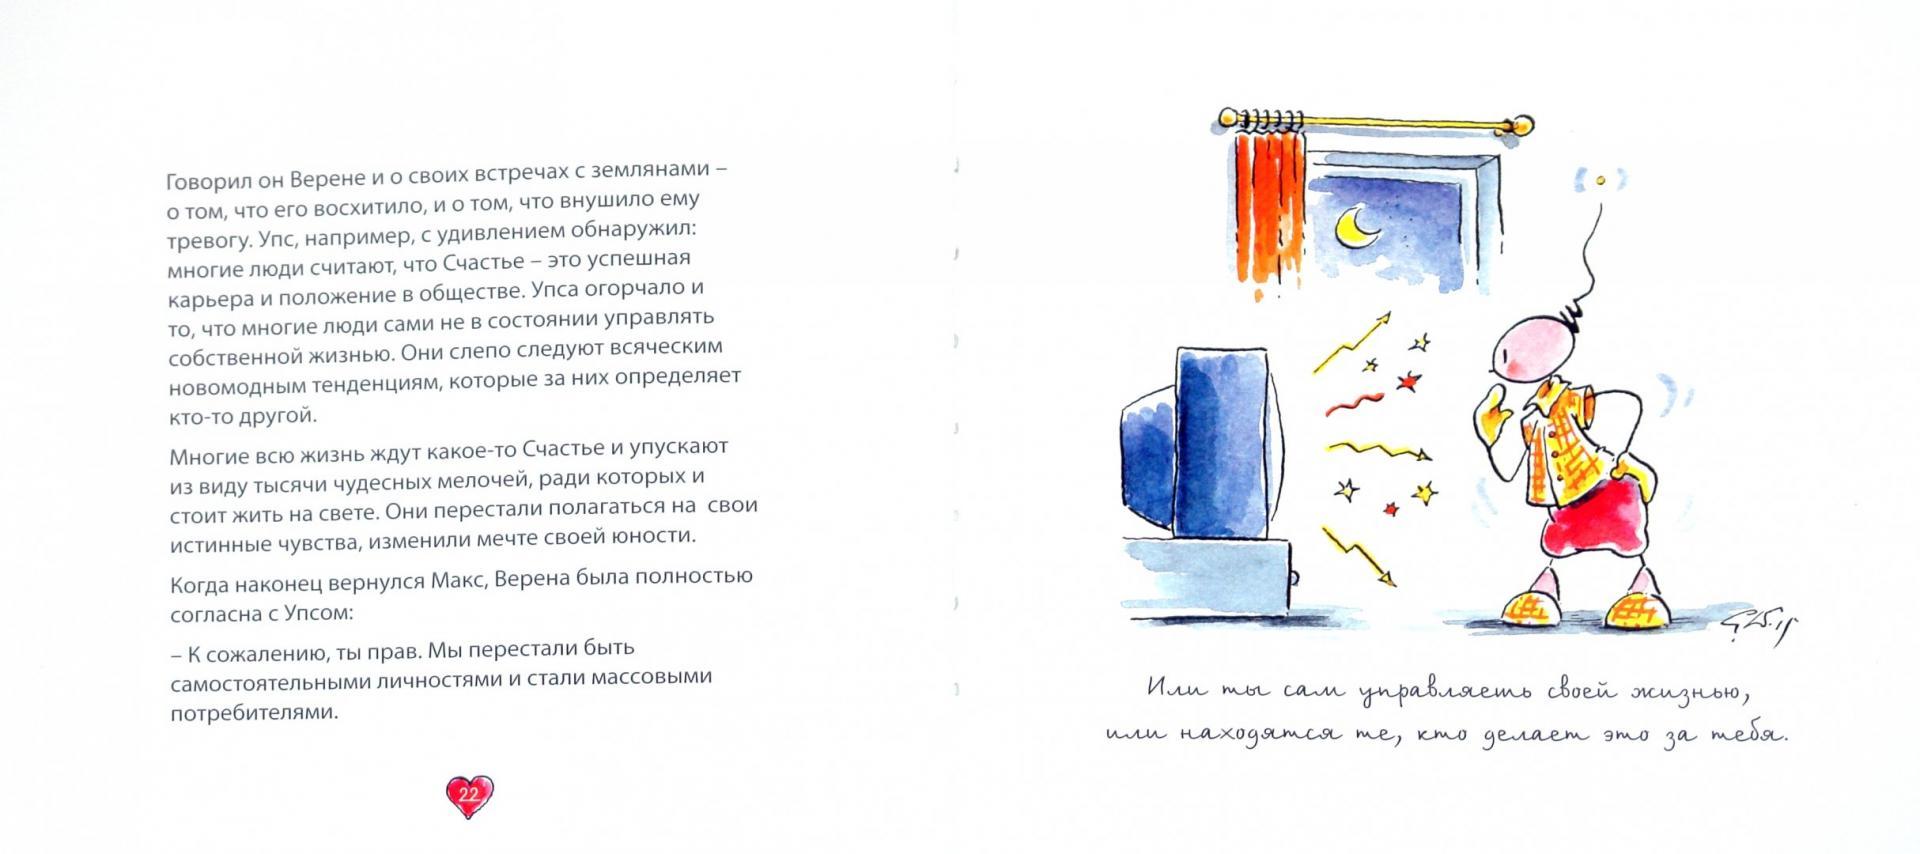 Иллюстрация 1 из 11 для УПС. Как жить в ладу с самим собой - Курт Хёртенхубер | Лабиринт - книги. Источник: Лабиринт